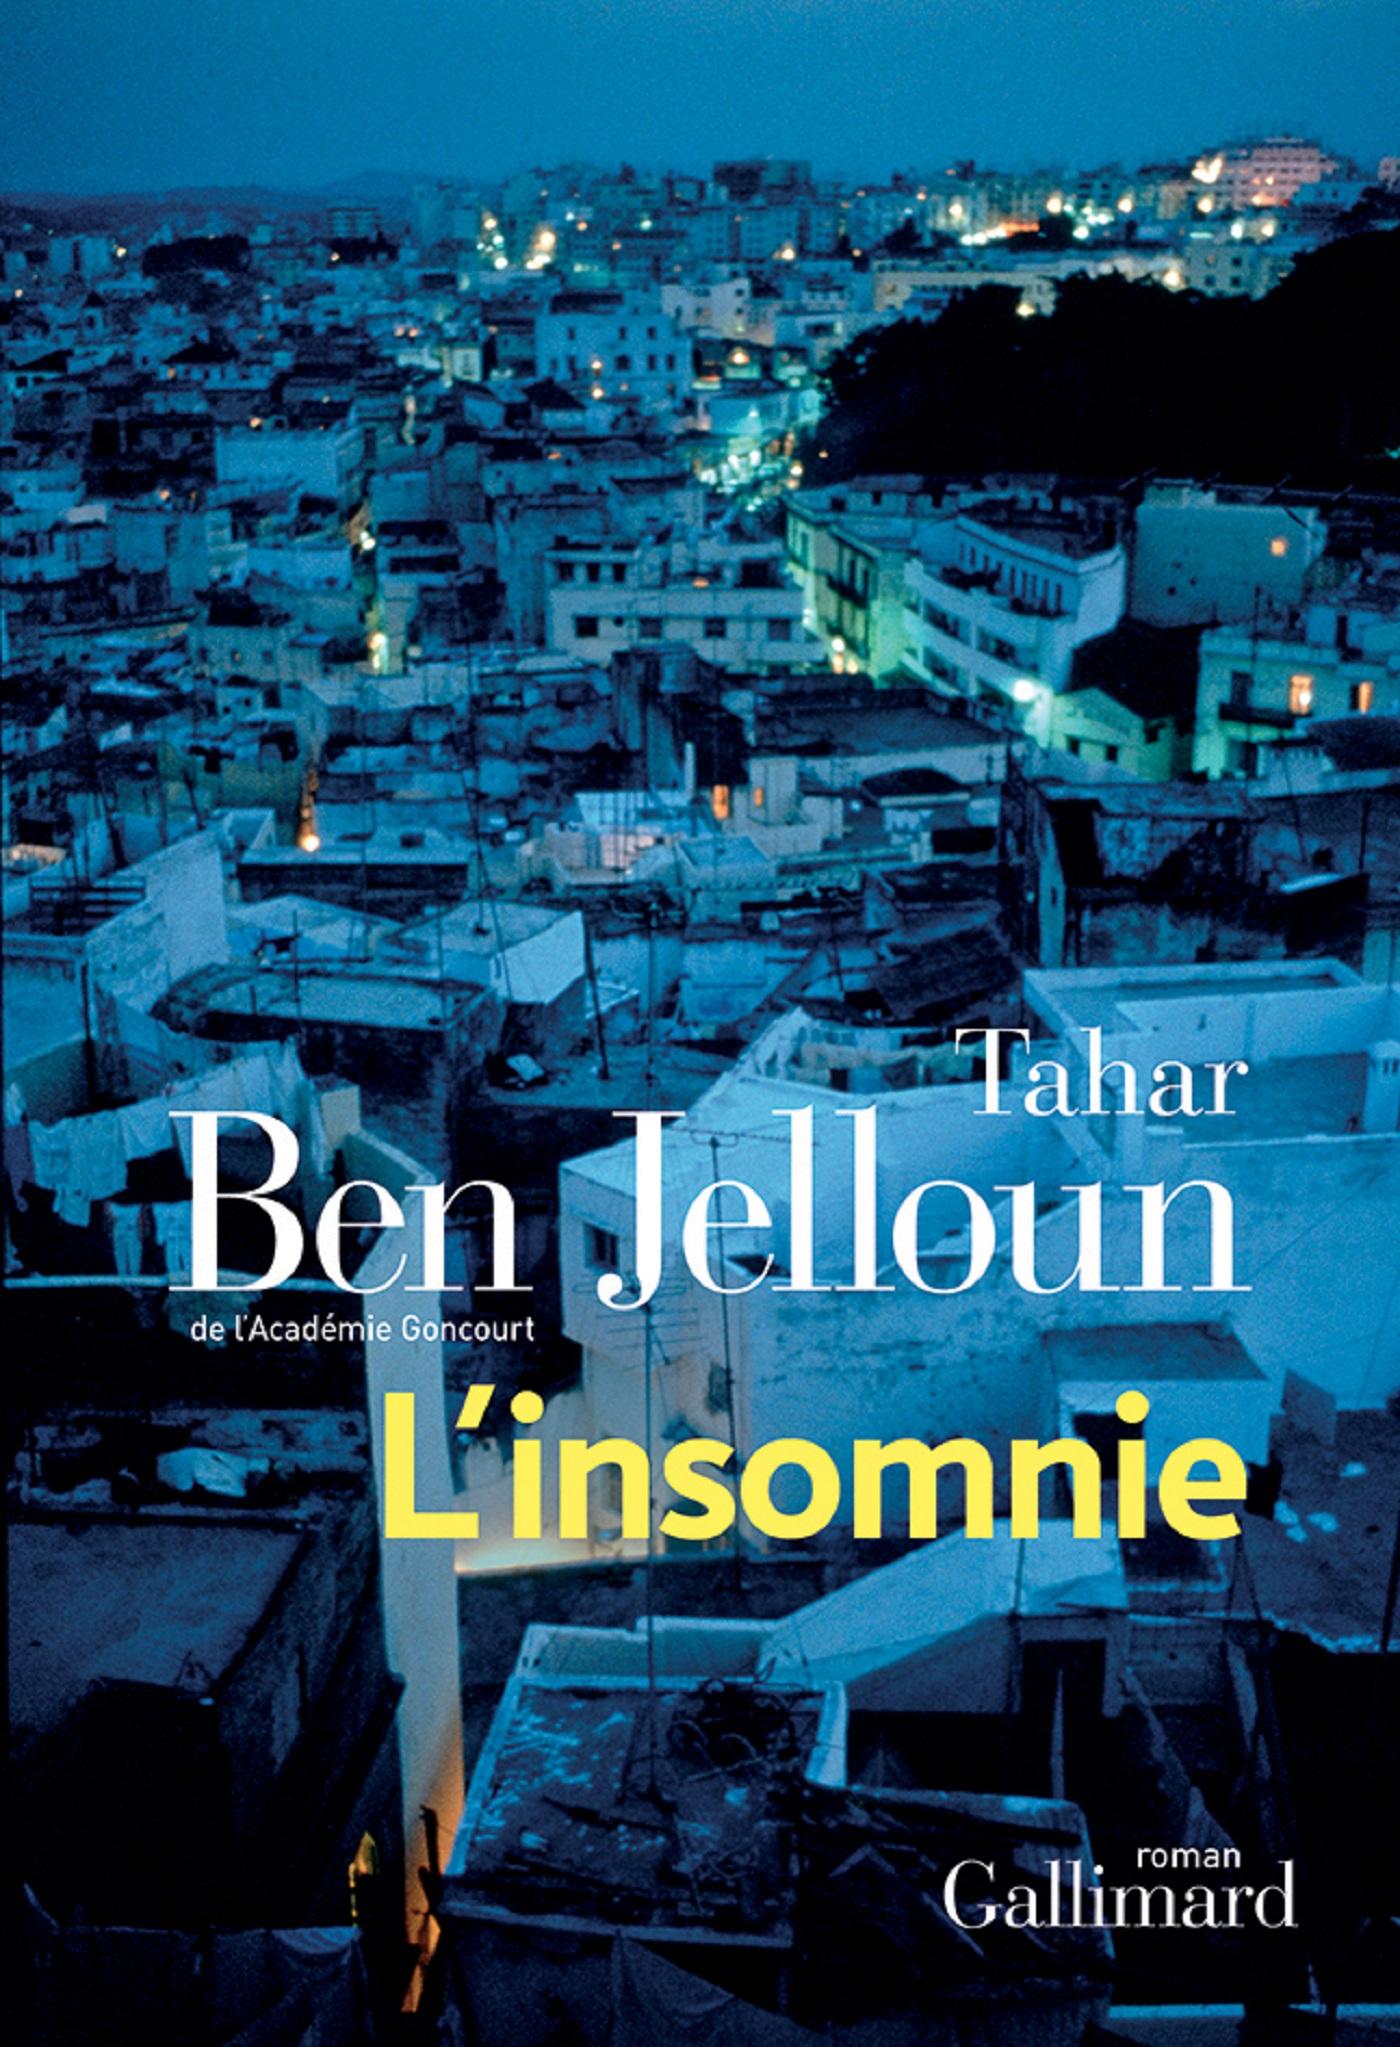 L'insomnie | Ben Jelloun, Tahar